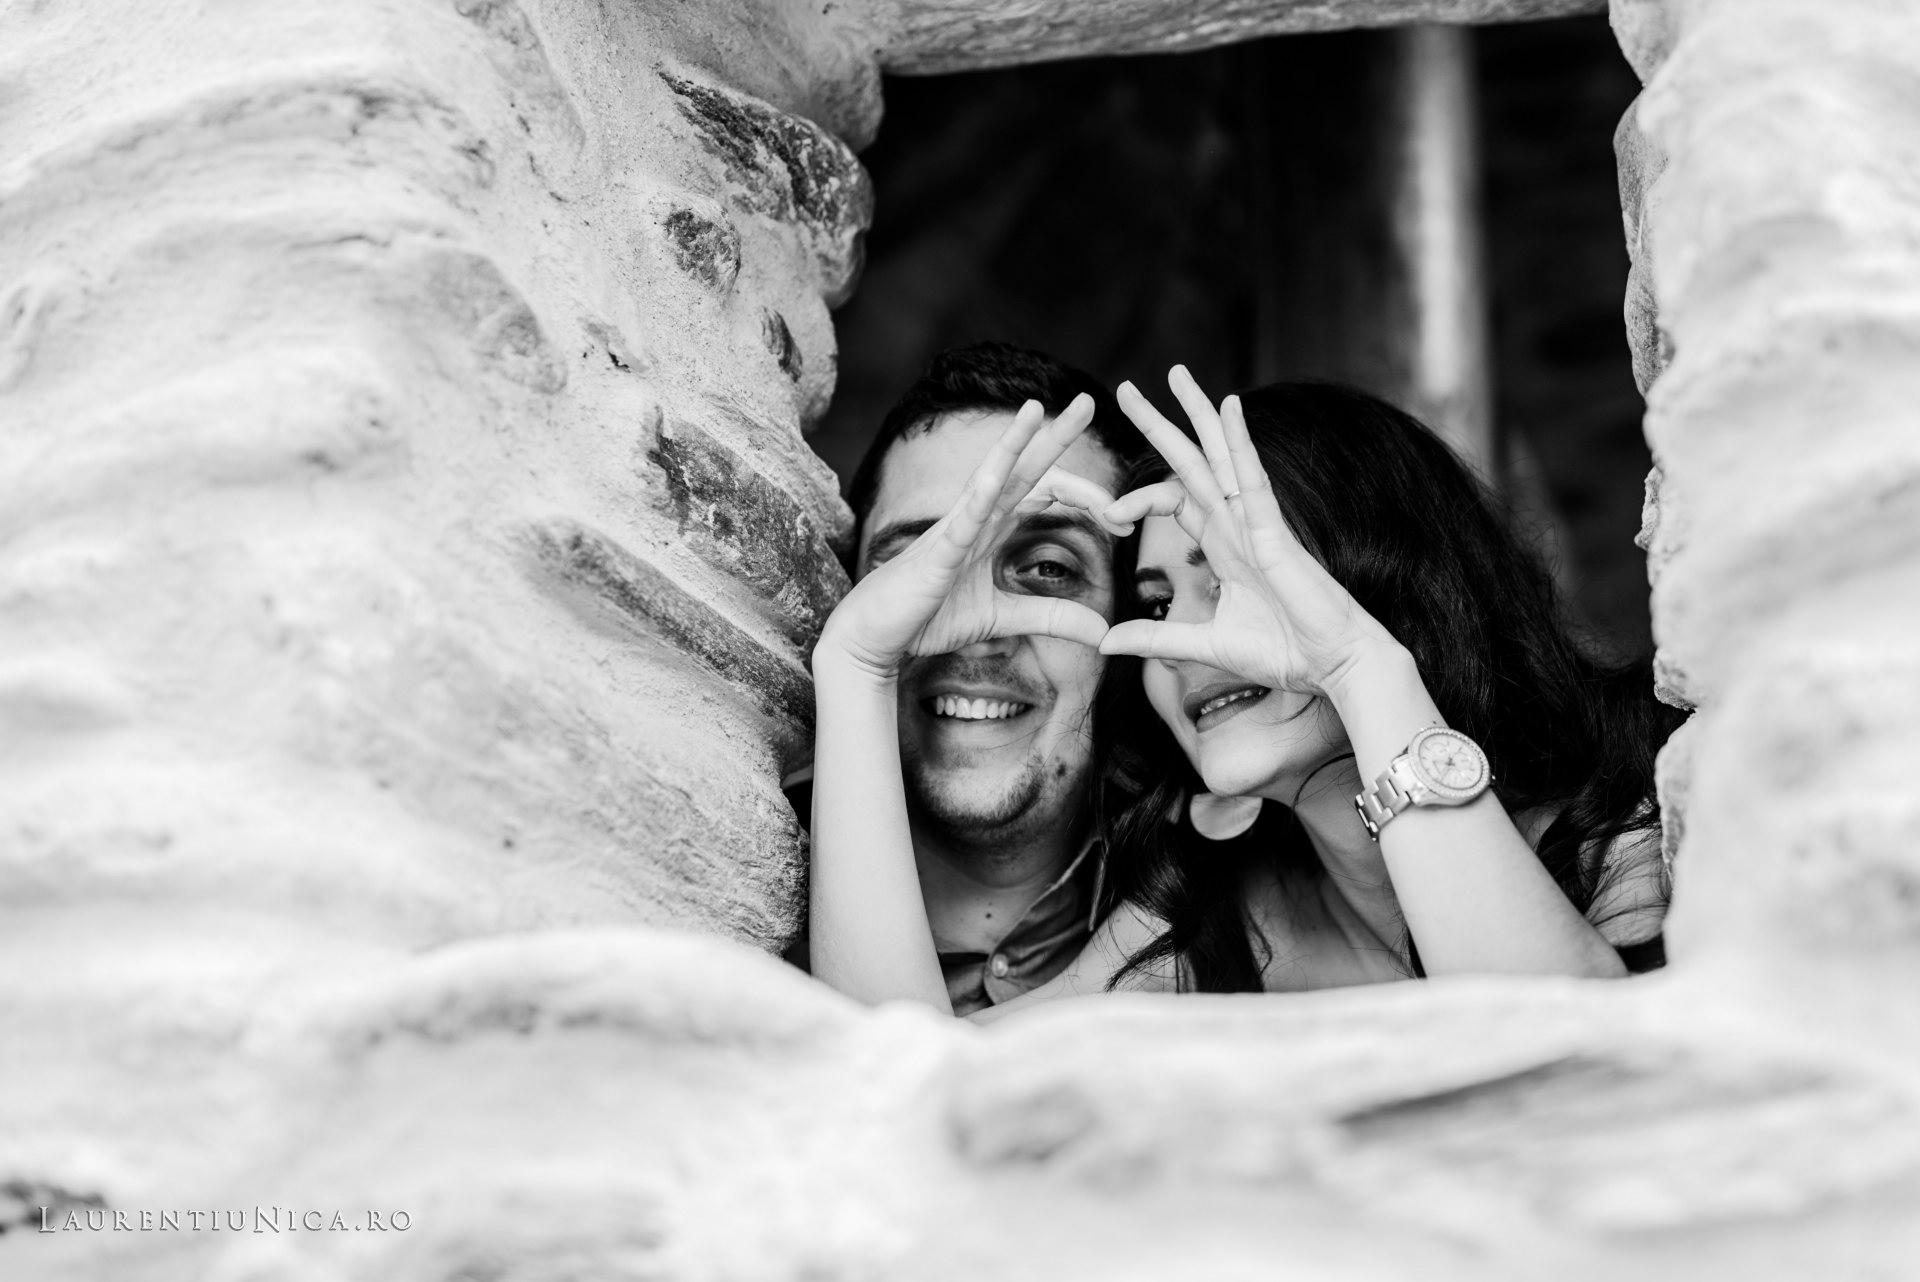 foto save the date valea zanelor castelul de lut andreea alex fotograf laurentiu nica craiova 16 - Andreea & Alex | Sedinta foto Save the Date | Valea Zanelor